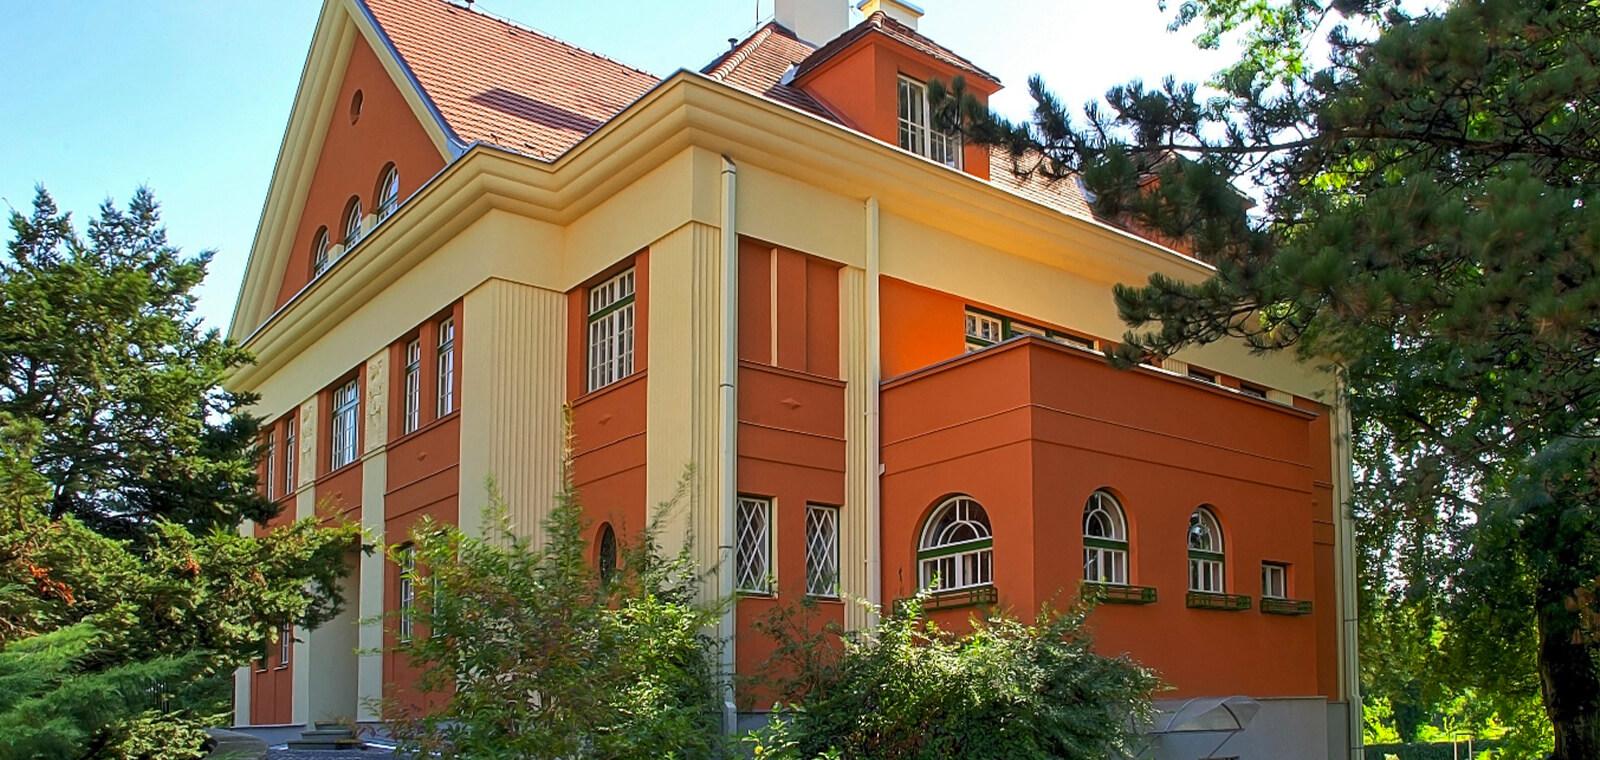 Krnov-flemichova-vila-teser-01.jpg